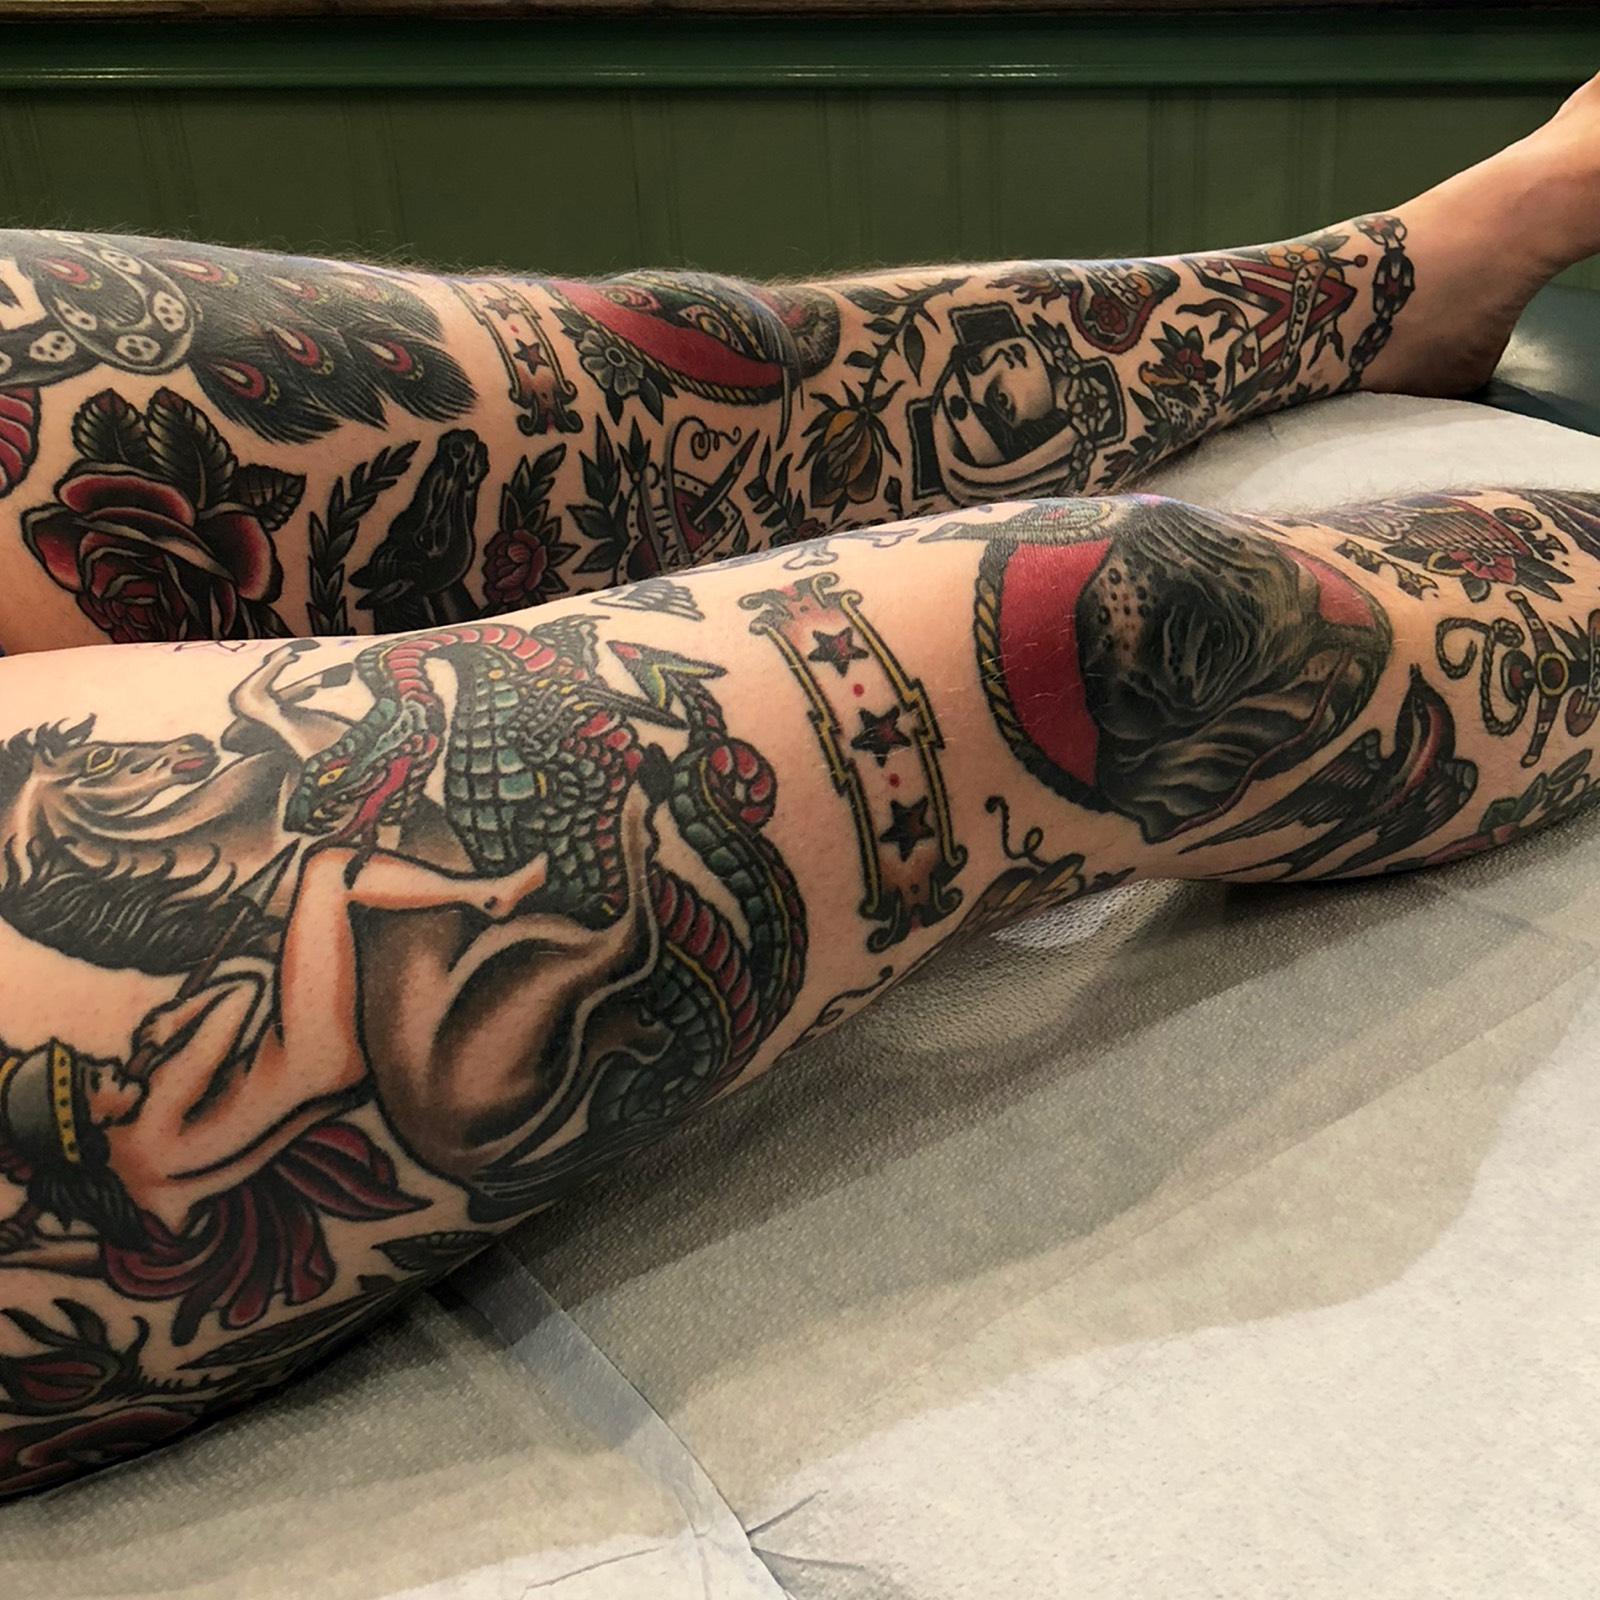 Paul-Dobleman-black-heart-tattoo-3-2020